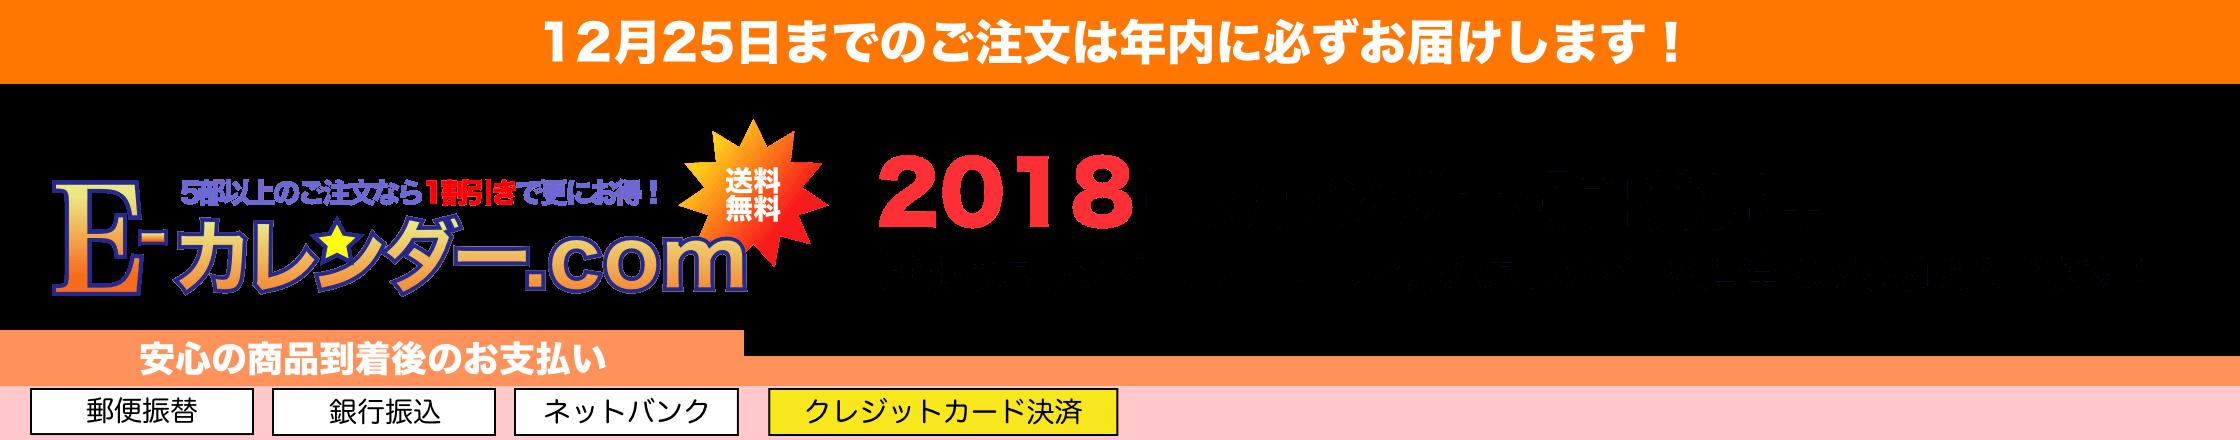 E-カレンダー.com